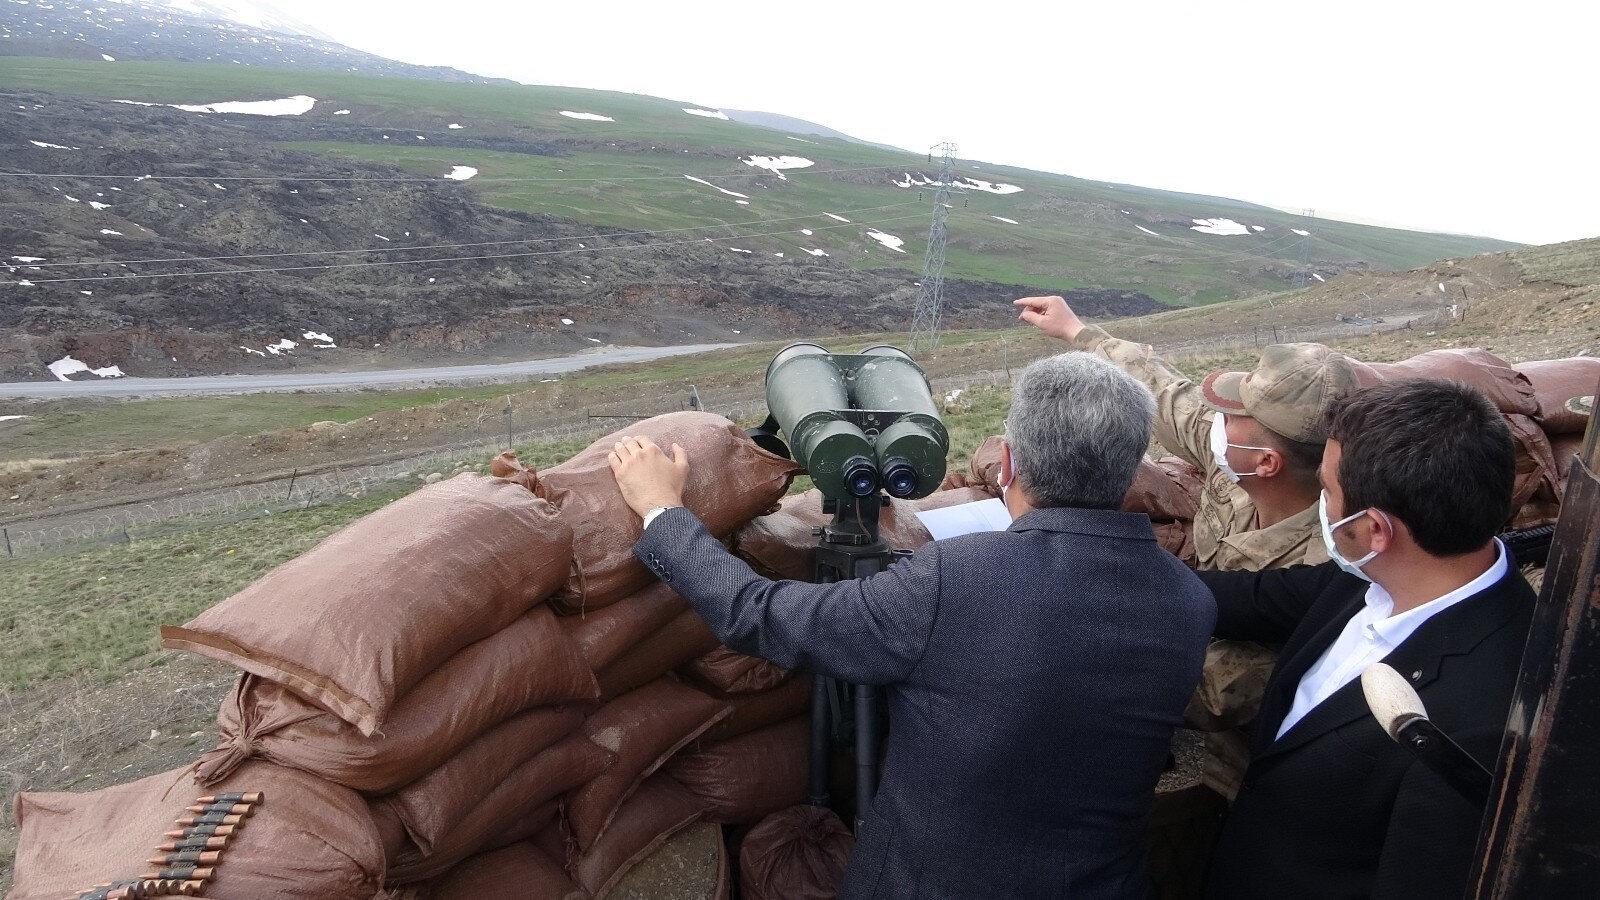 64 kilometrelik güvenlik duvarıyla teröristlerin sızma girişimleri önlenecek.